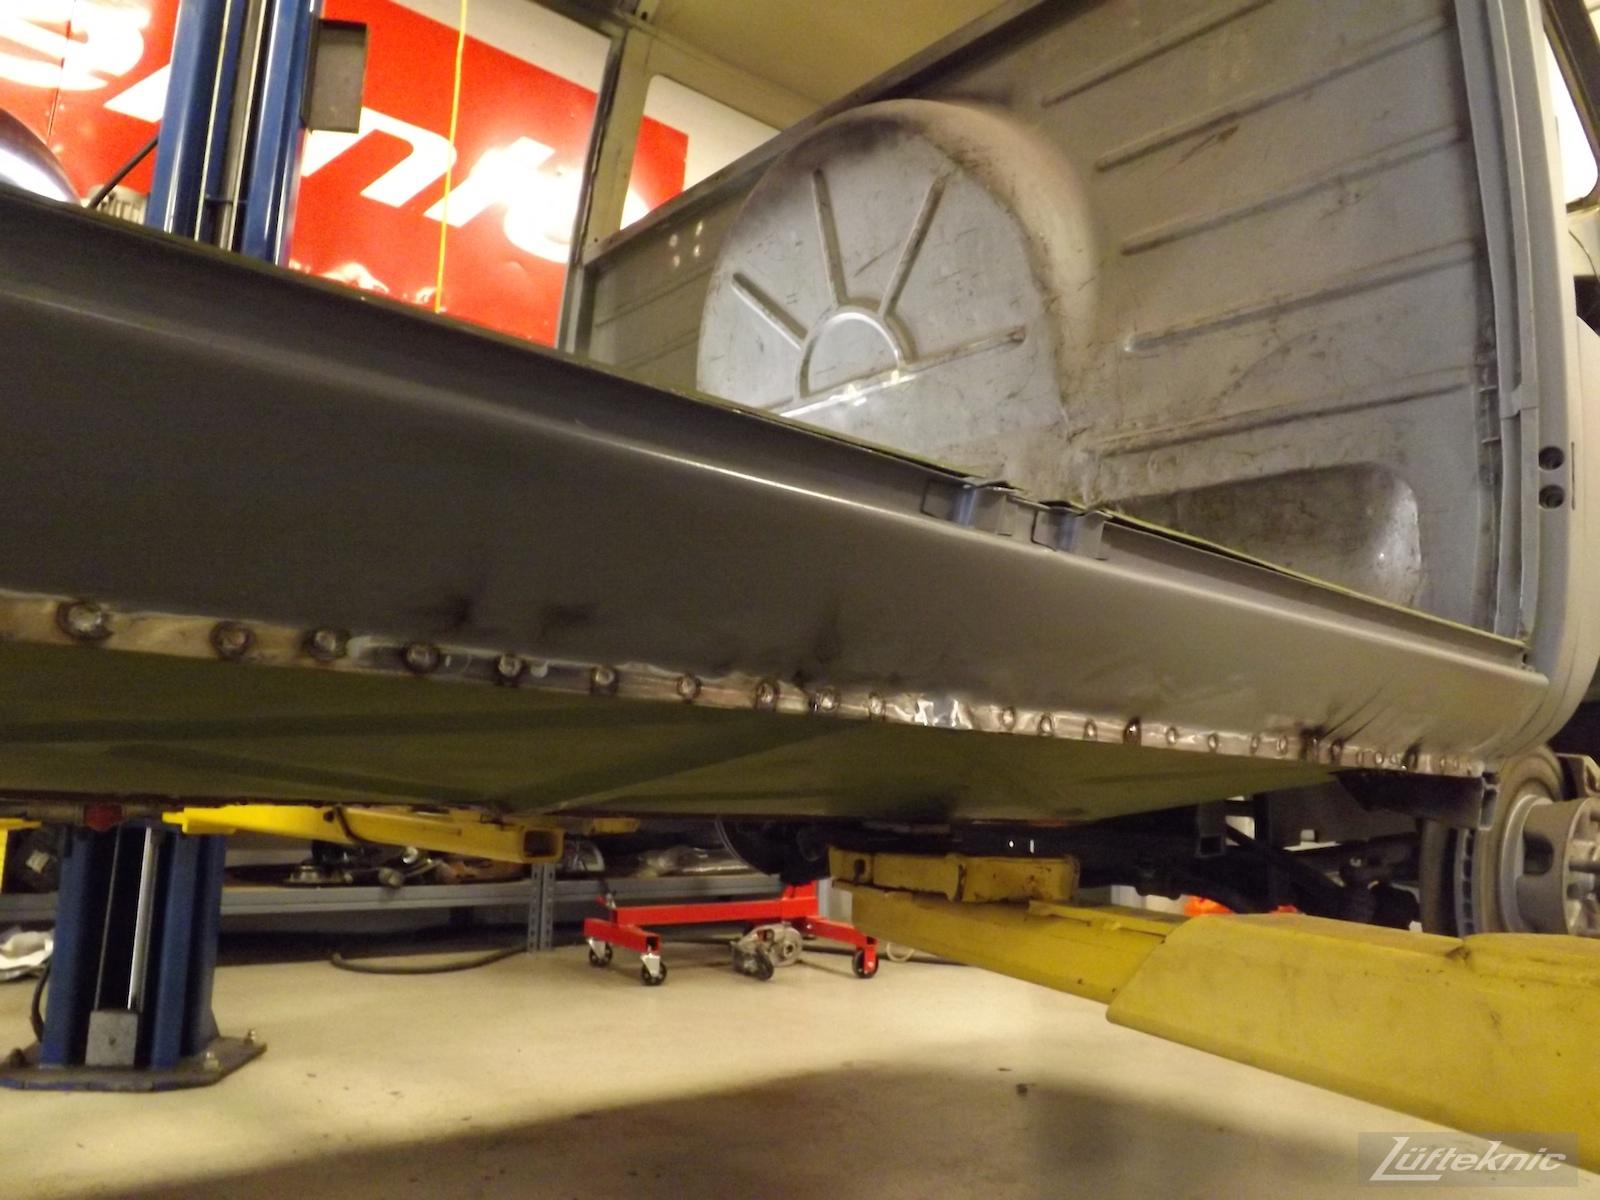 1956 Volkswagen double panel Transporter Lüfteknic Porsche Bus floor installation.